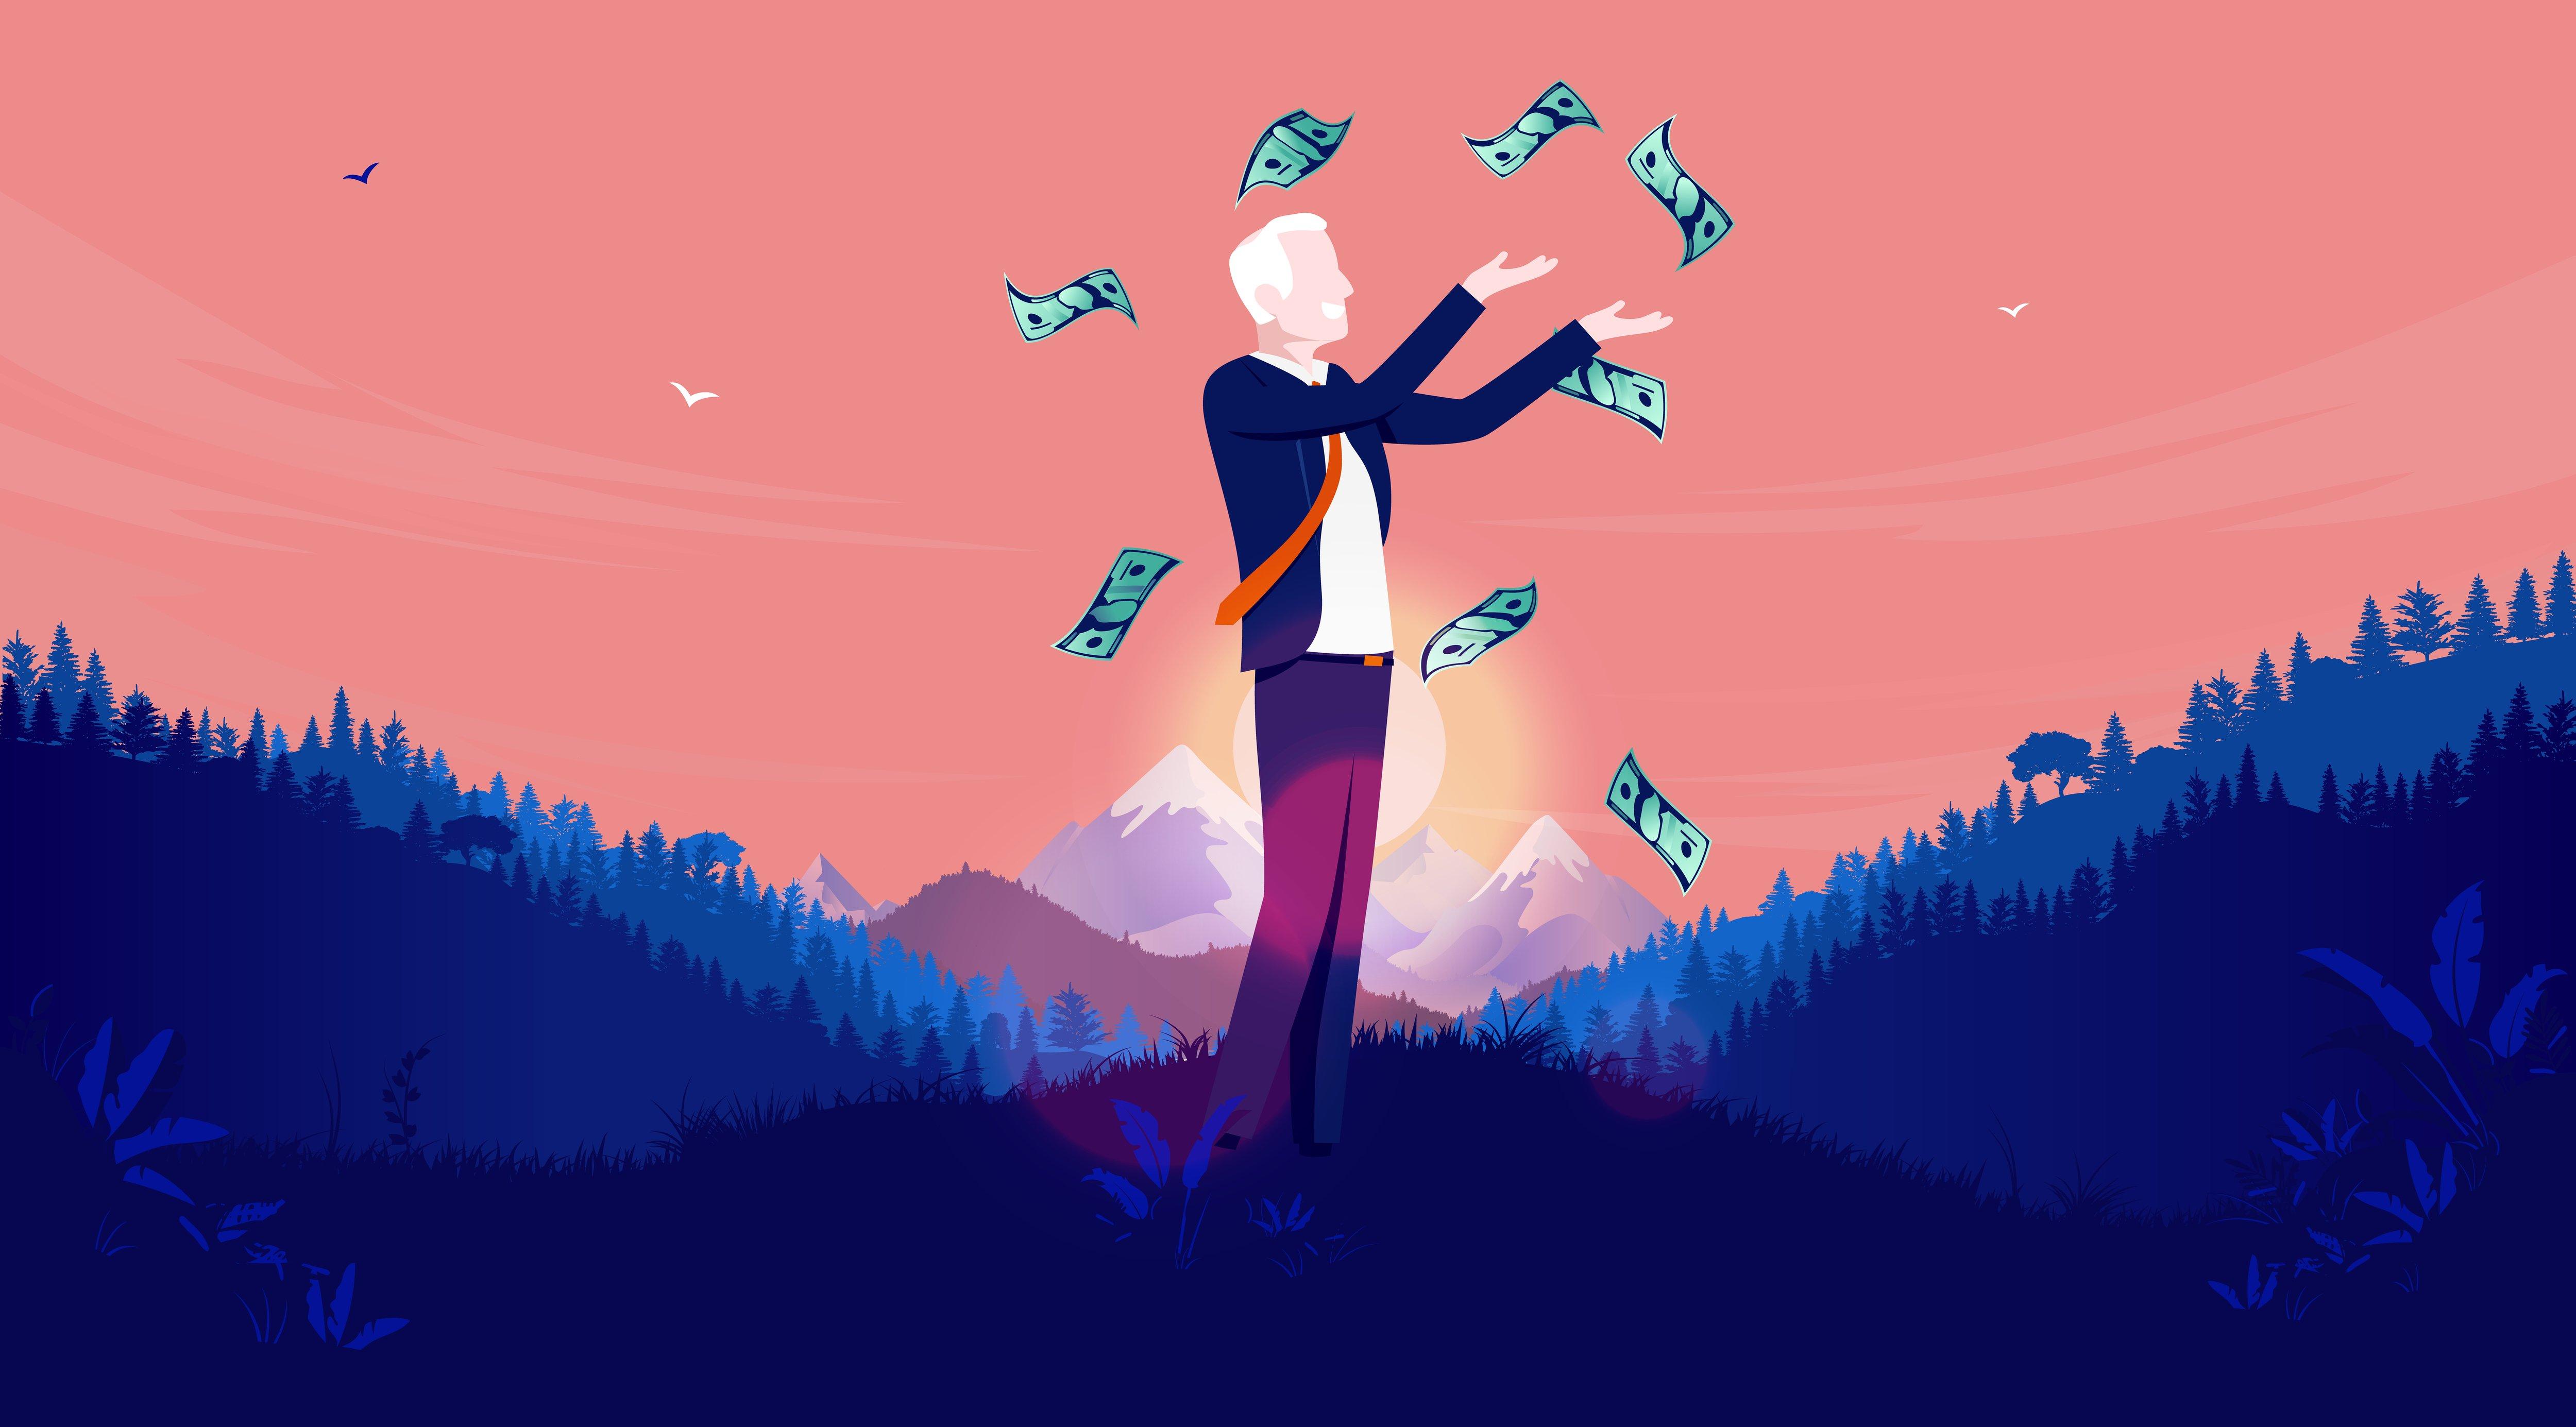 定年60歳以上「不労所得」がある人は、どのくらいいるのか。